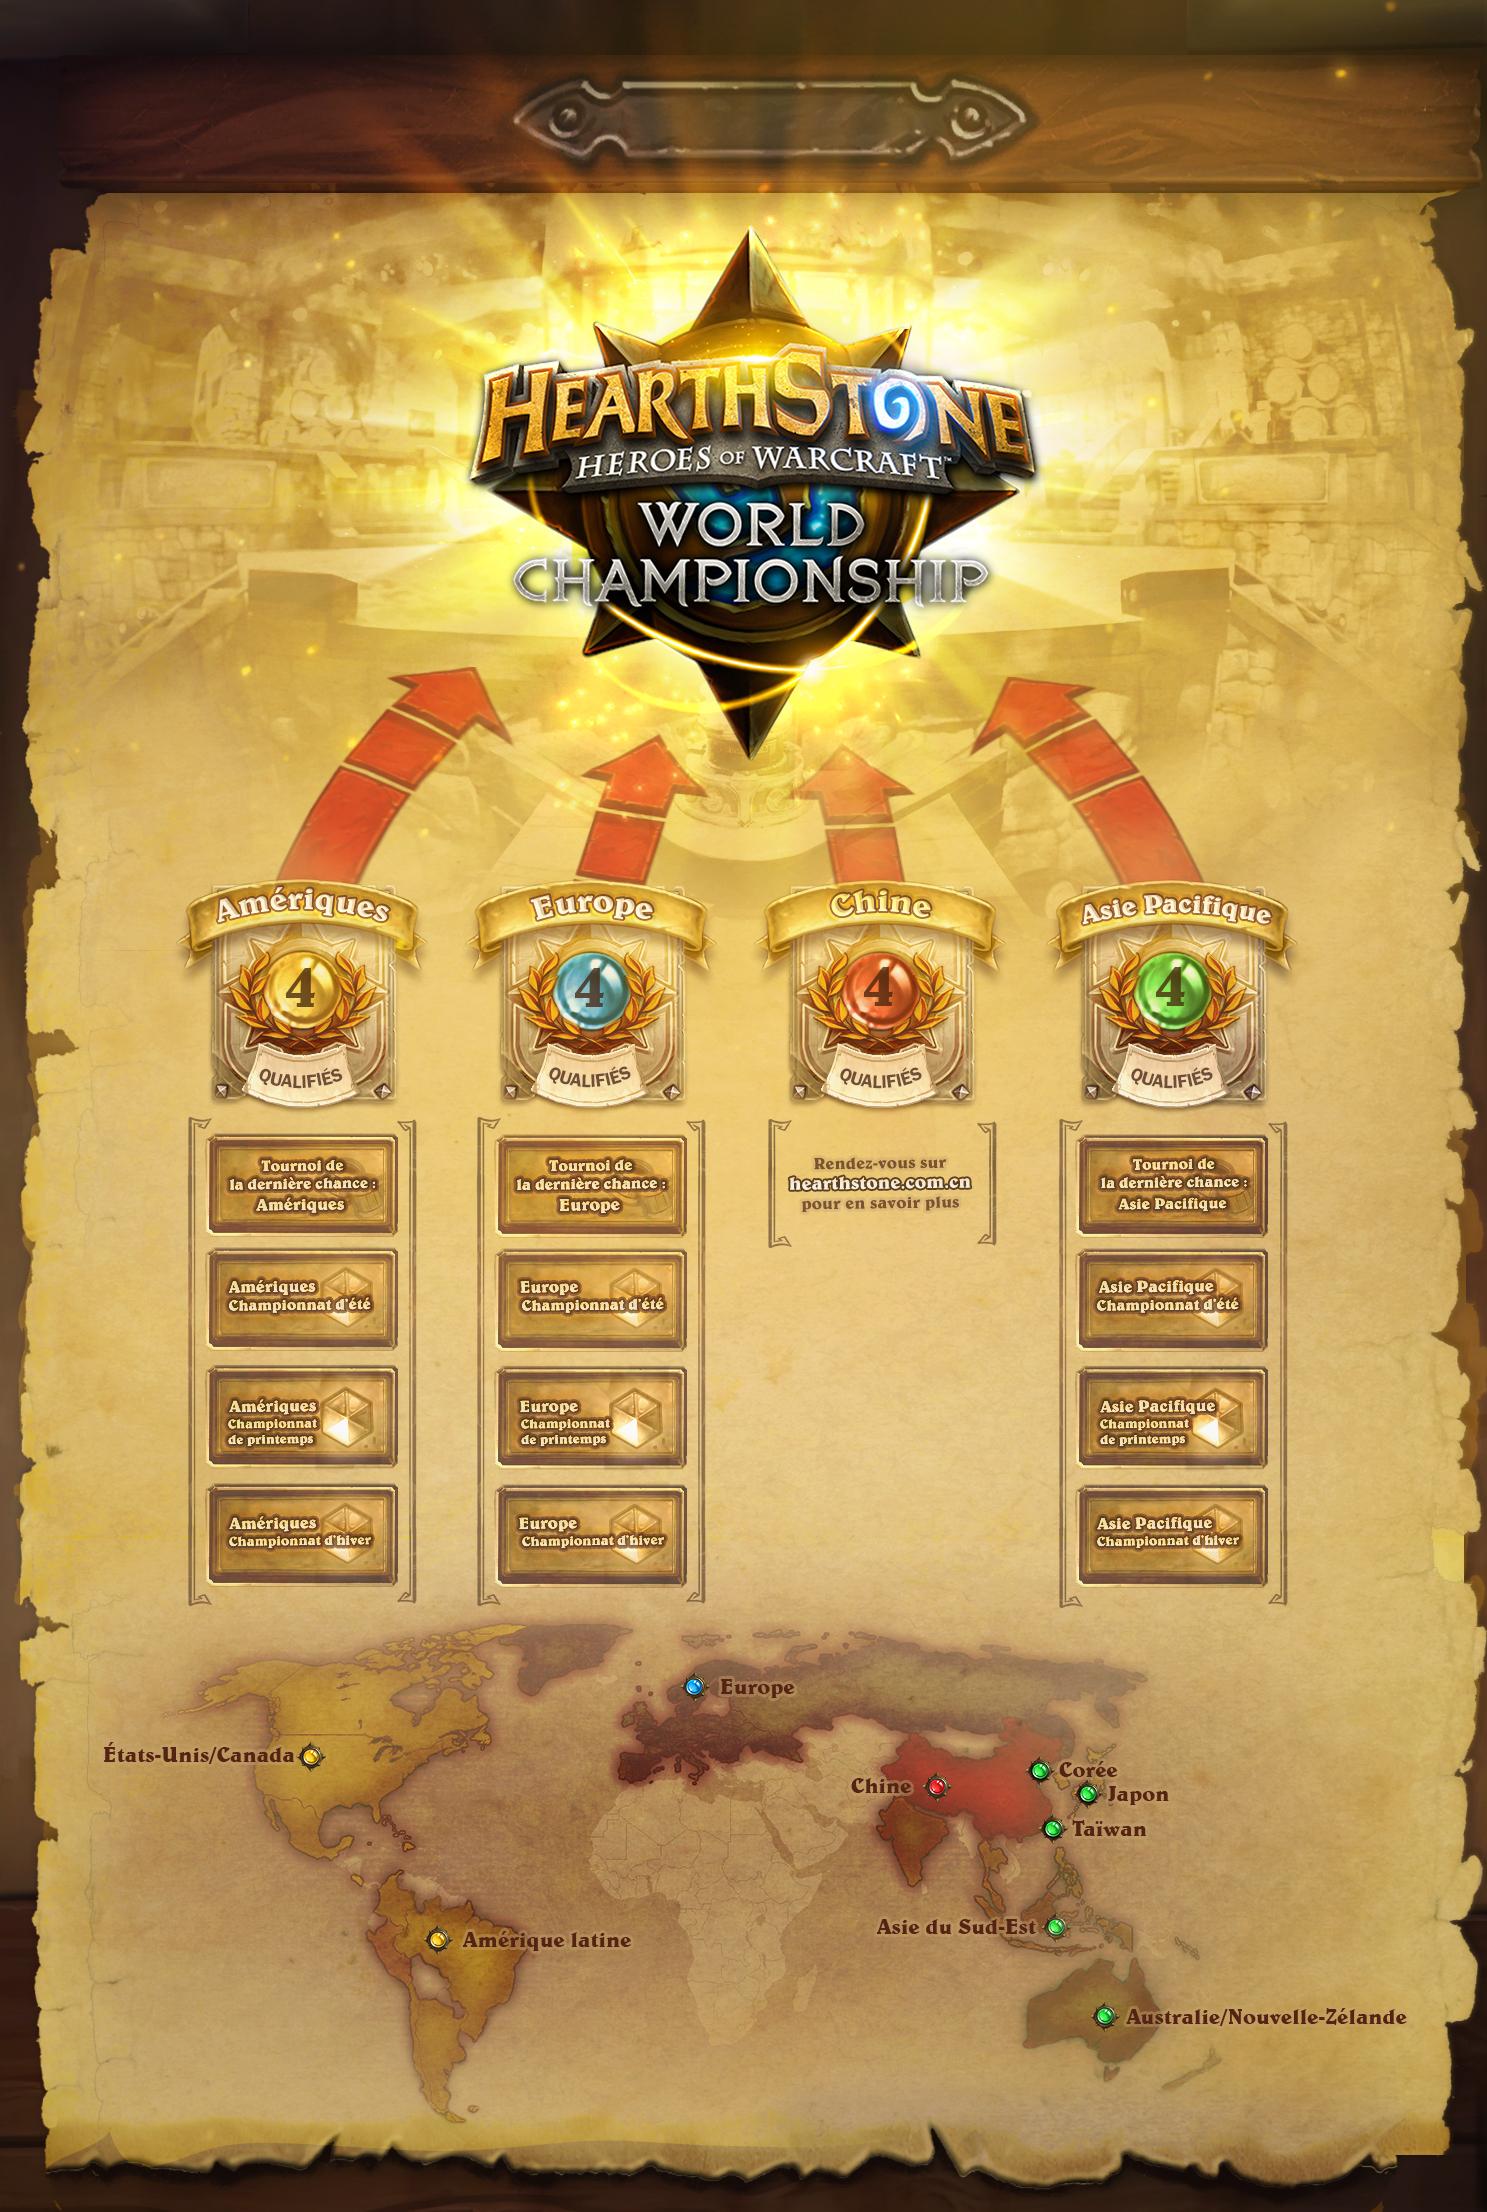 Championnat du monde de Hearthstone 2016 !